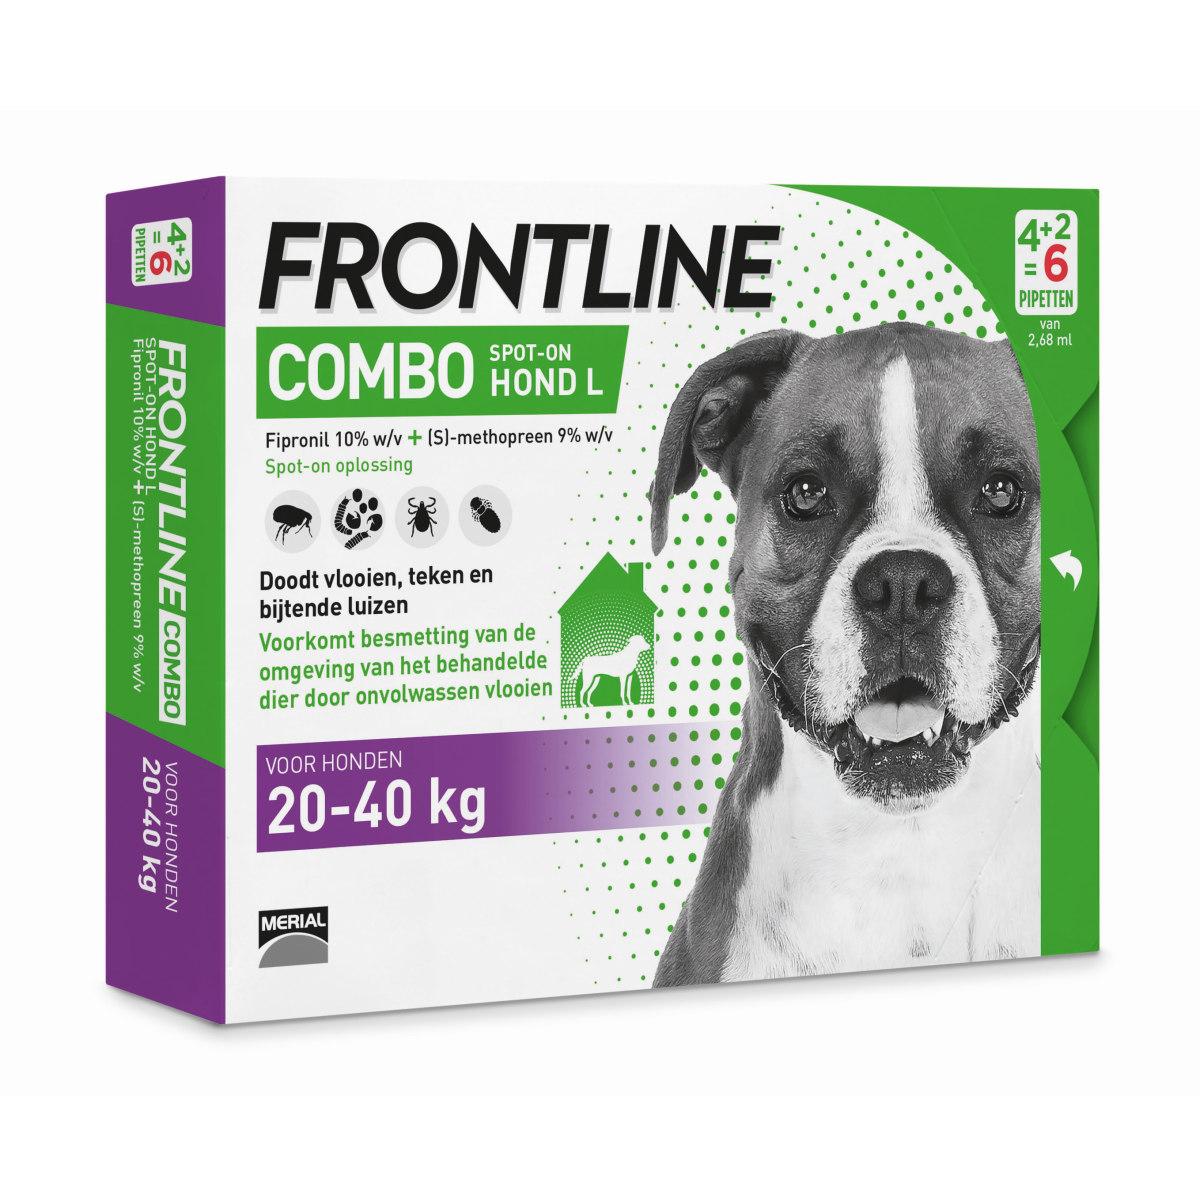 FRONTLINE COMBO HOND-L 6 PIP. 00001